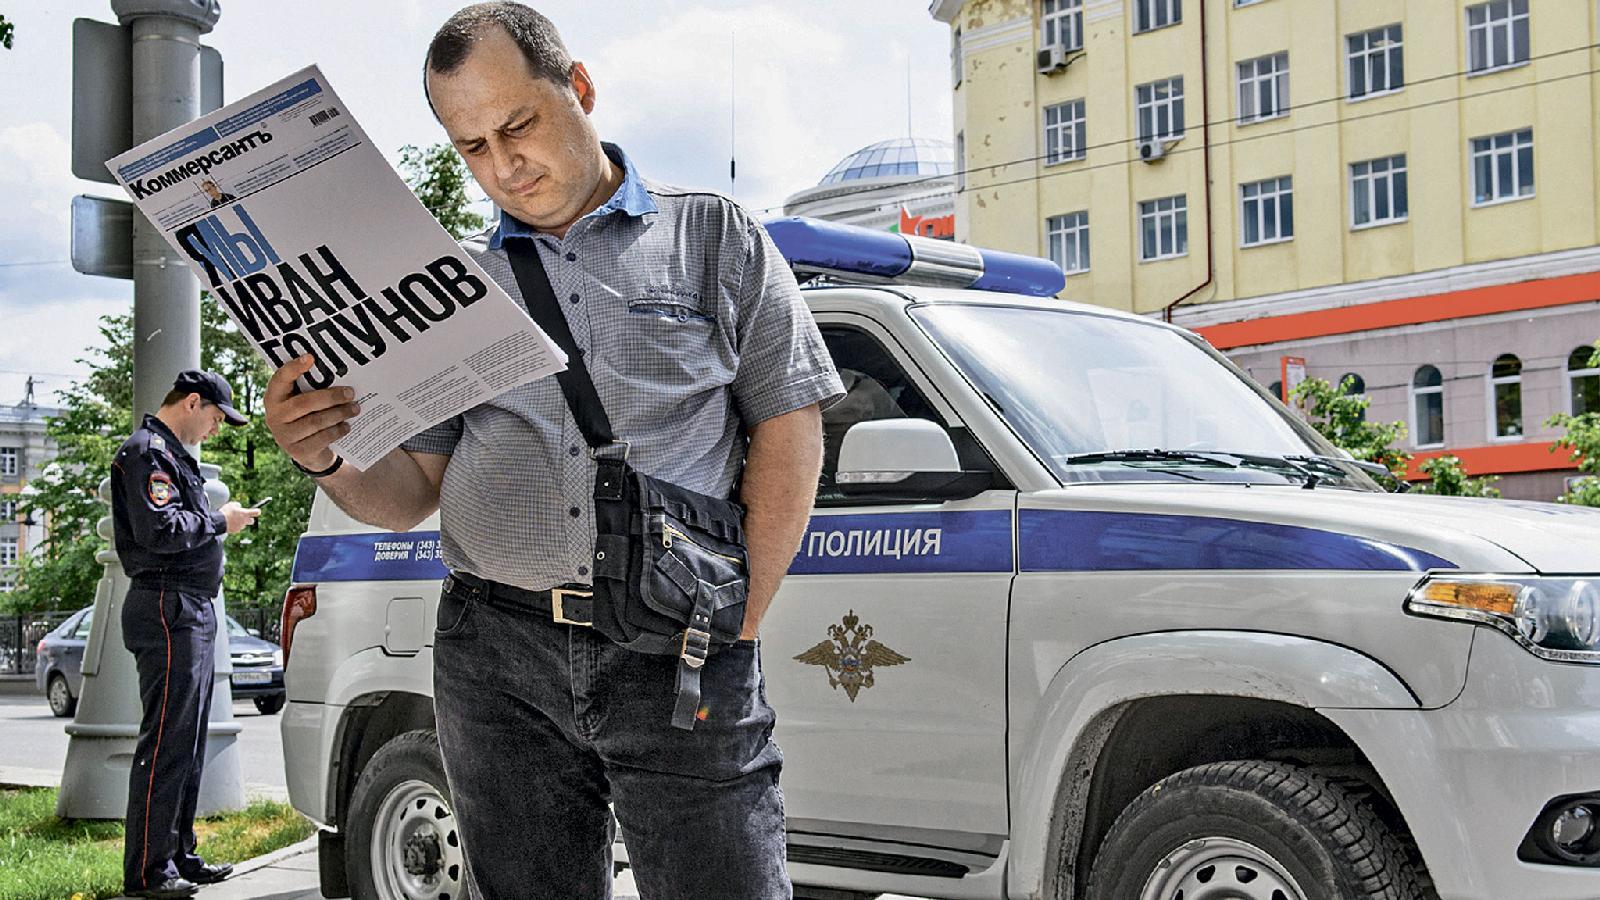 Раздача газет «РБК» и«Коммерсантъ» уполицейского главка в Екатеринбурге